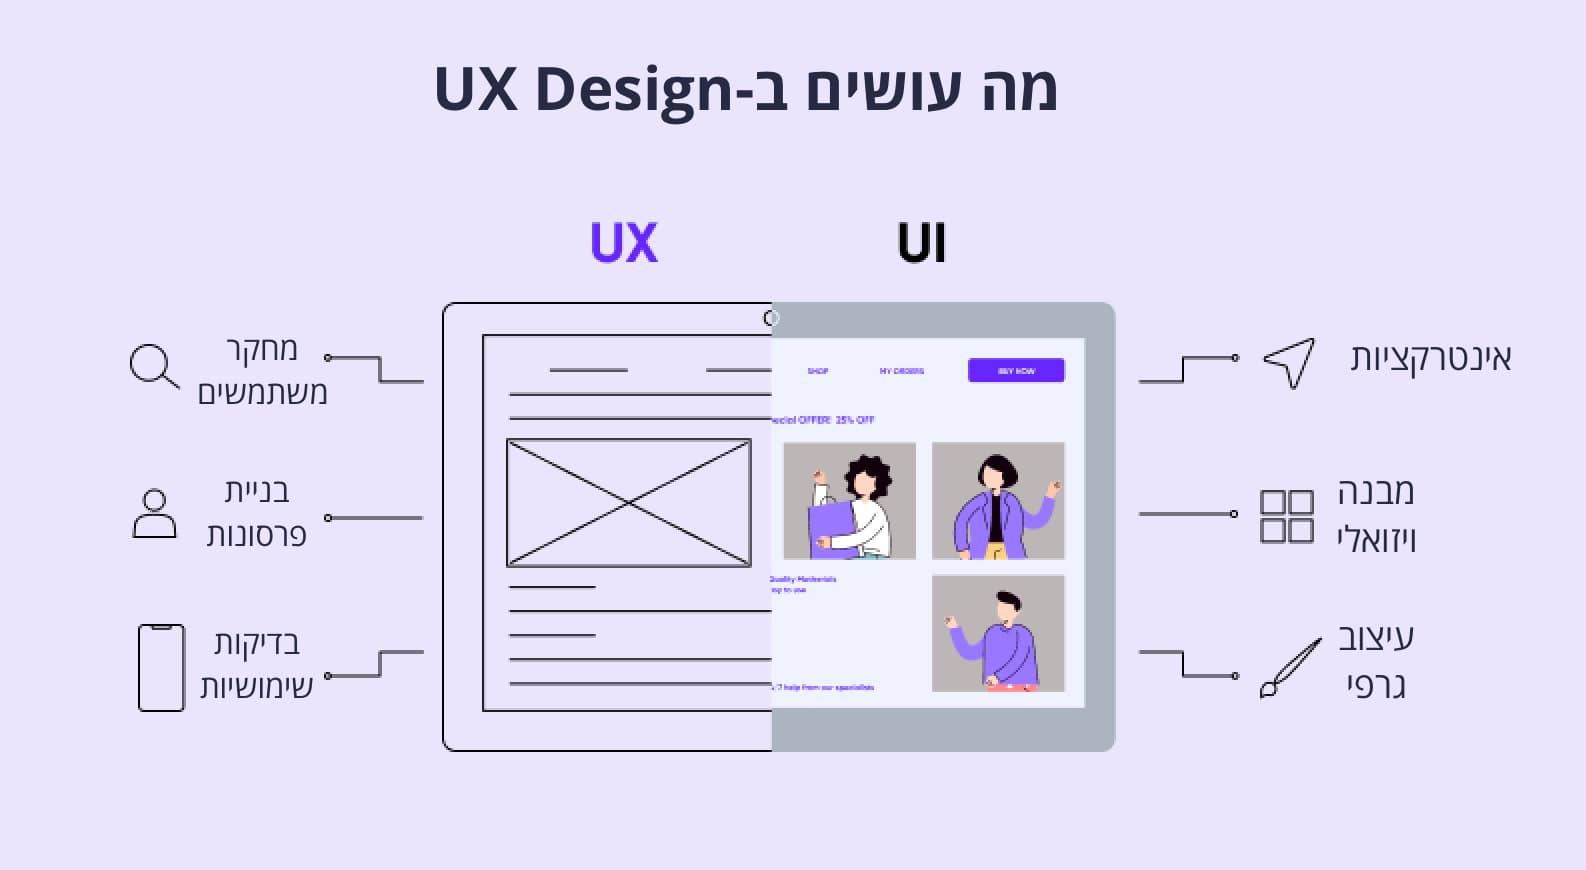 מה זה UX design